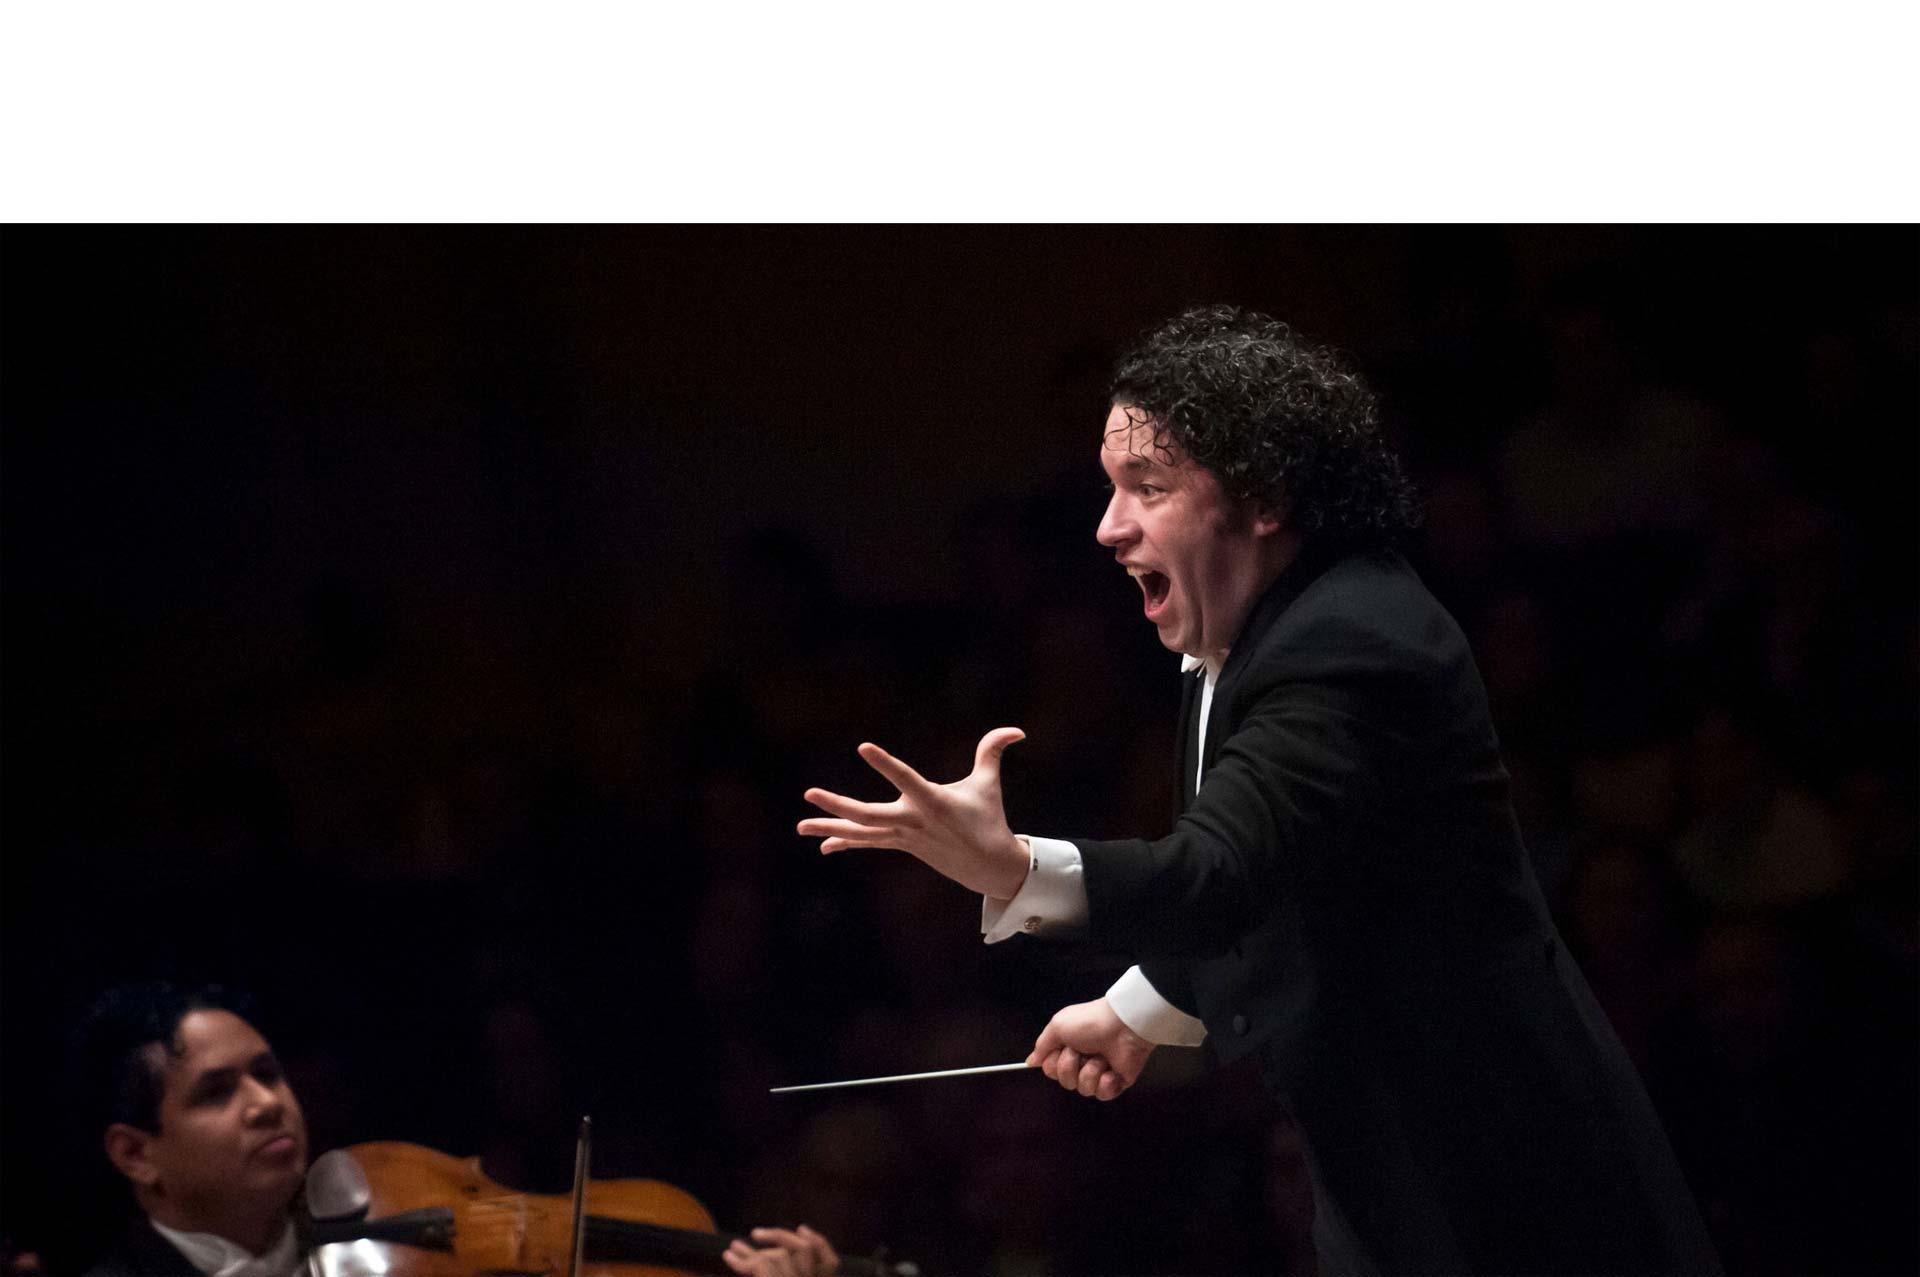 Gustavo Dudamel dirigirá a la Orquesta Juvenil de Los Ángeles en el show del entretiempo de la magna cita deportiva